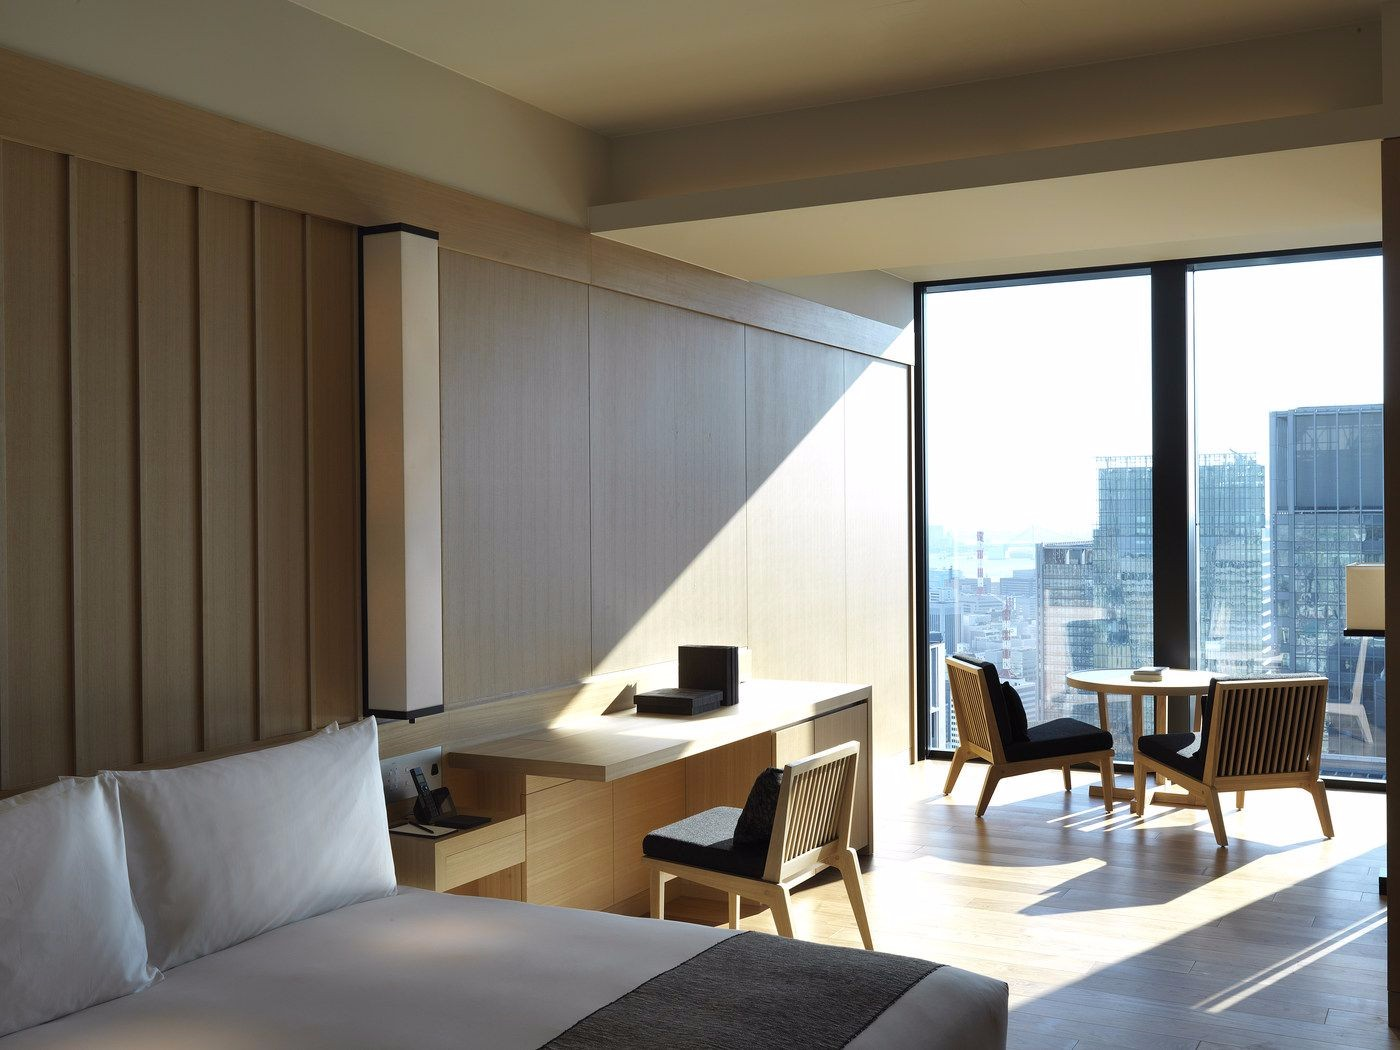 高清酒店设计 图库